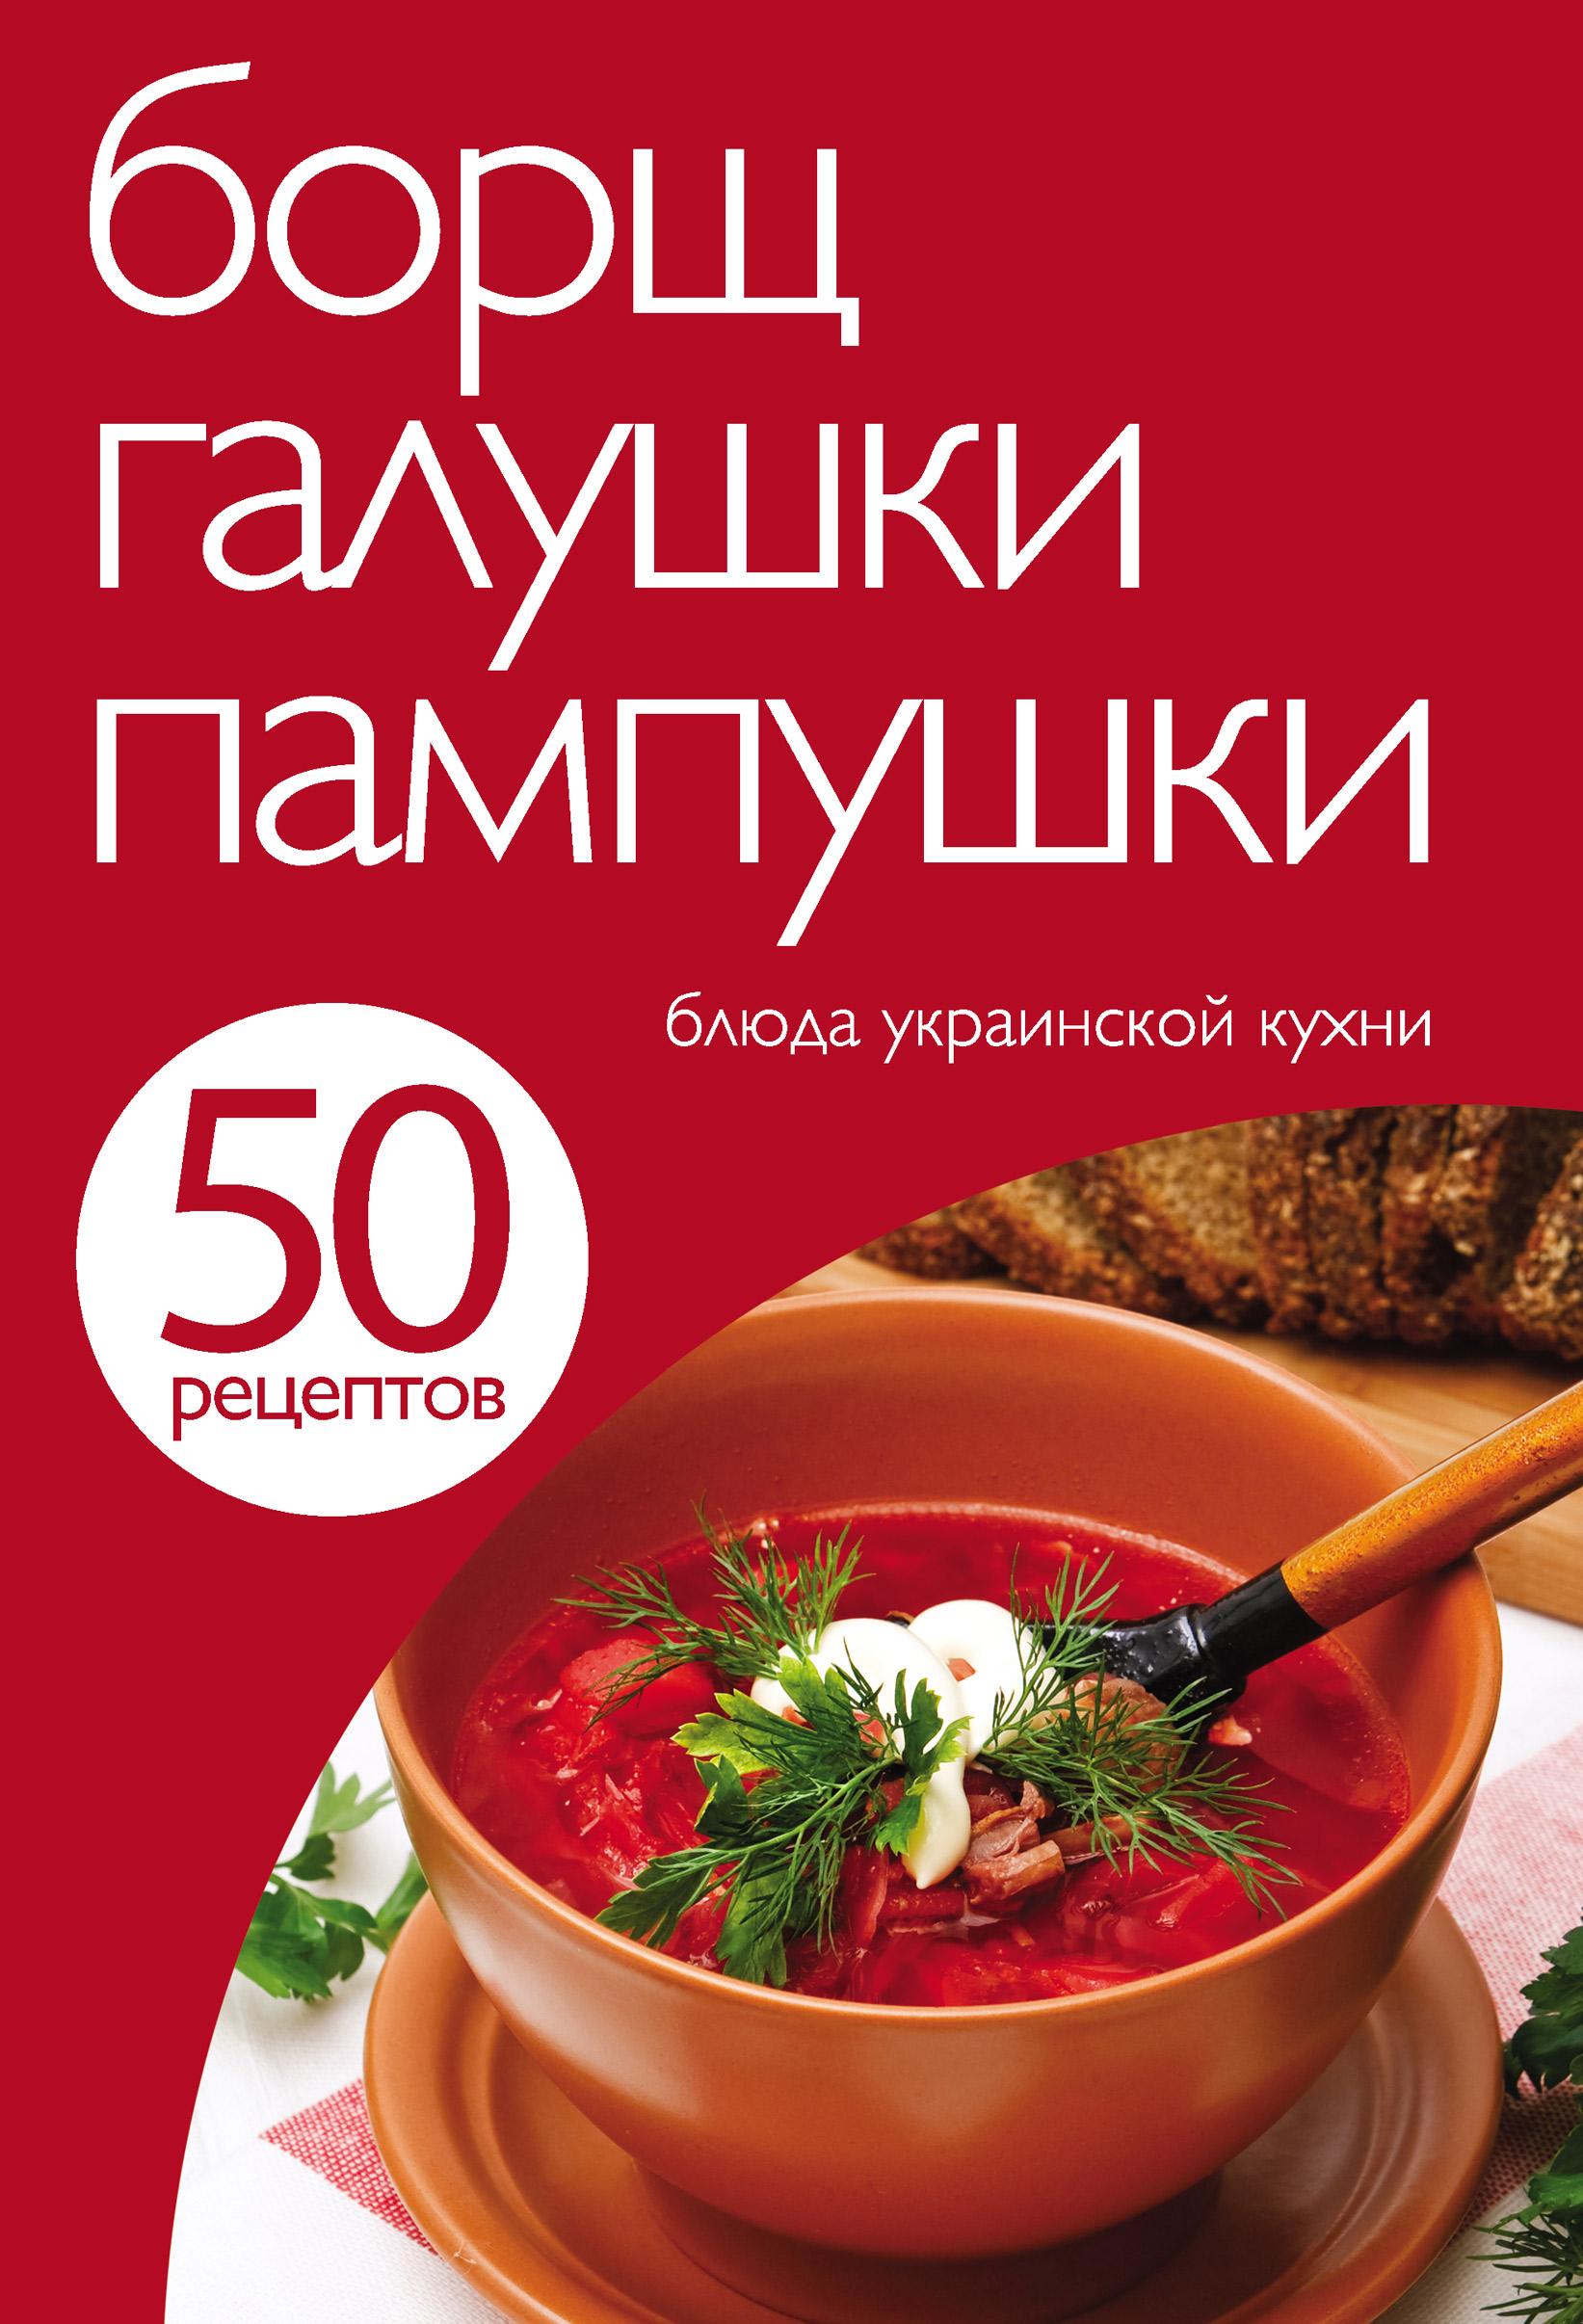 Отсутствует 50 рецептов. Борщ, галушки, пампушки. Блюда украинской кухни блюда русской кухни 50 рецептов